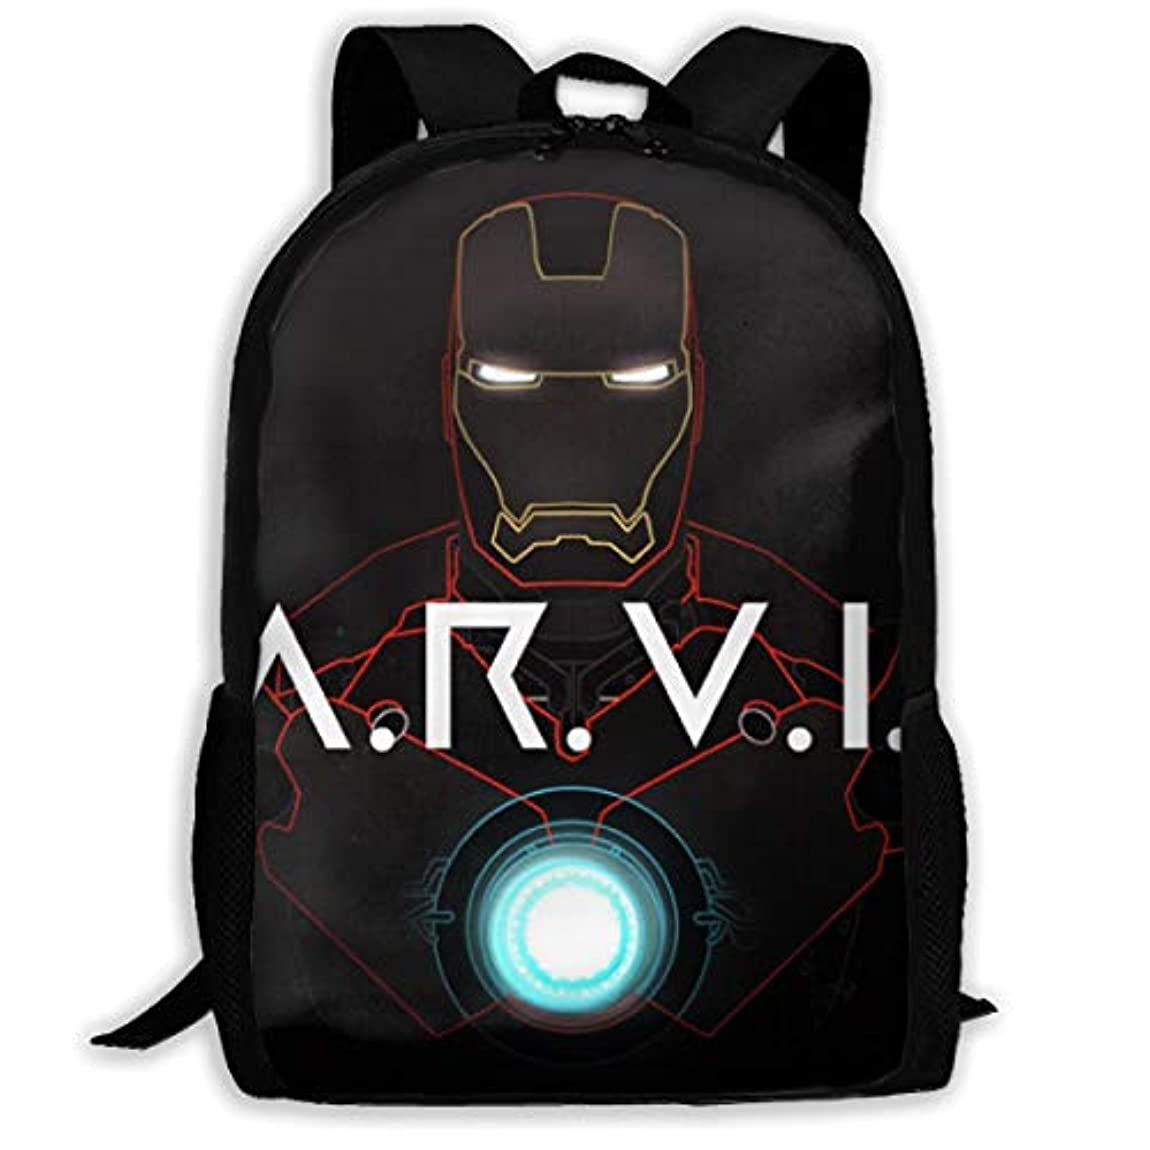 テントチケット活気づくおしゃれ ラップトップ アイアンマン Iron Man 3 リュックサック バックパック 多機能 バッグ スクエアリュック ビジネスリュック カバン 撥水加工 大容量 軽量 防水 耐衝撃 高校生 大学生 通勤 通学 旅行バッグ